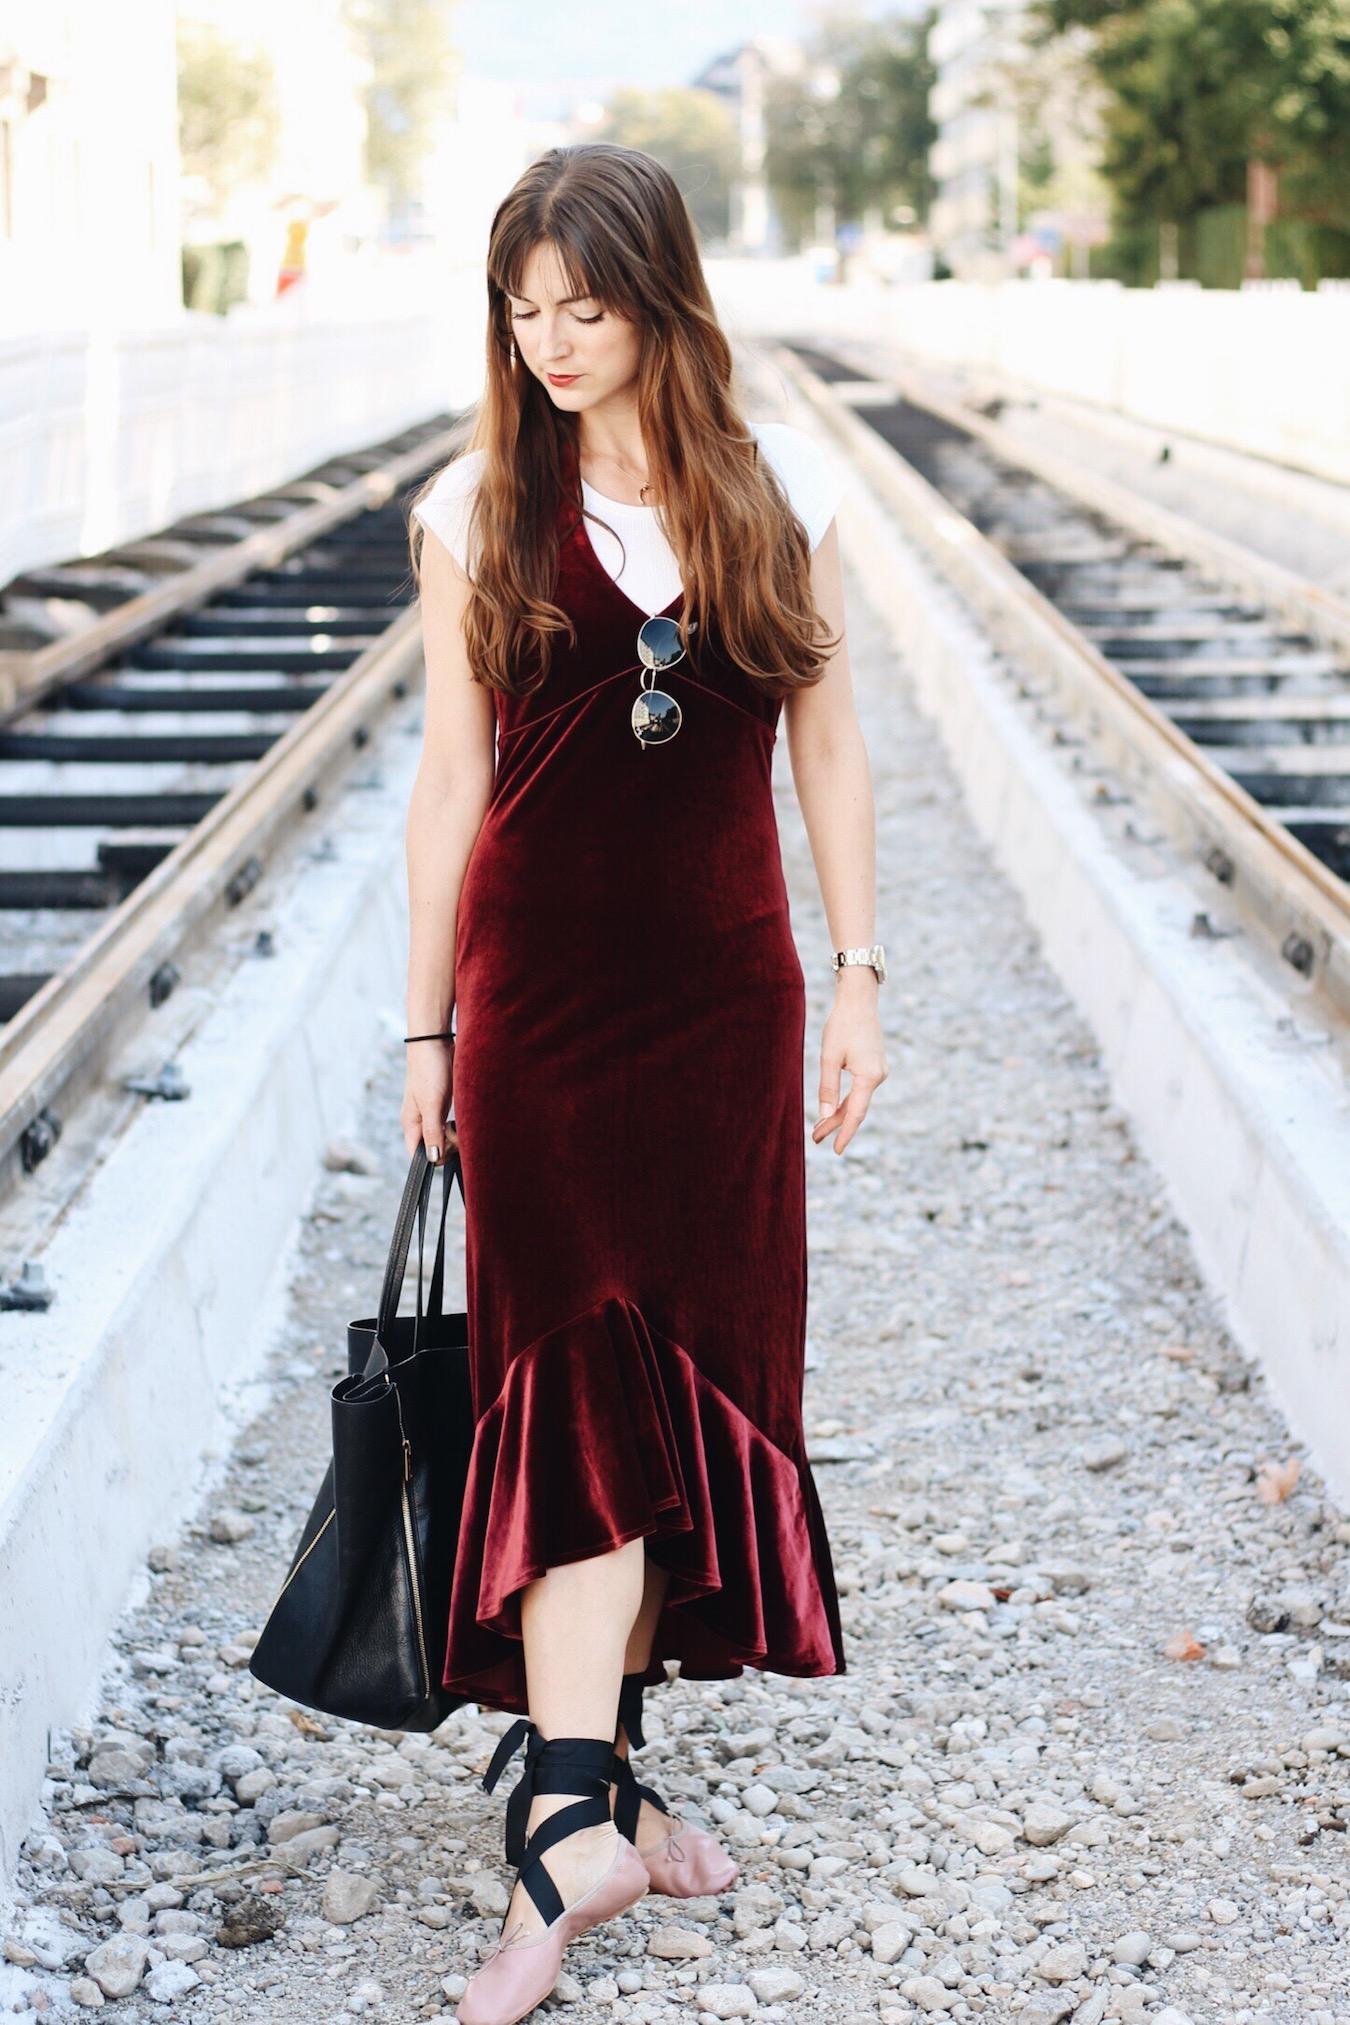 Der Samttrend heute auf meinem Modeblog ich trage Samtkleid und Ballerinas sowie Céline Cabas Bag